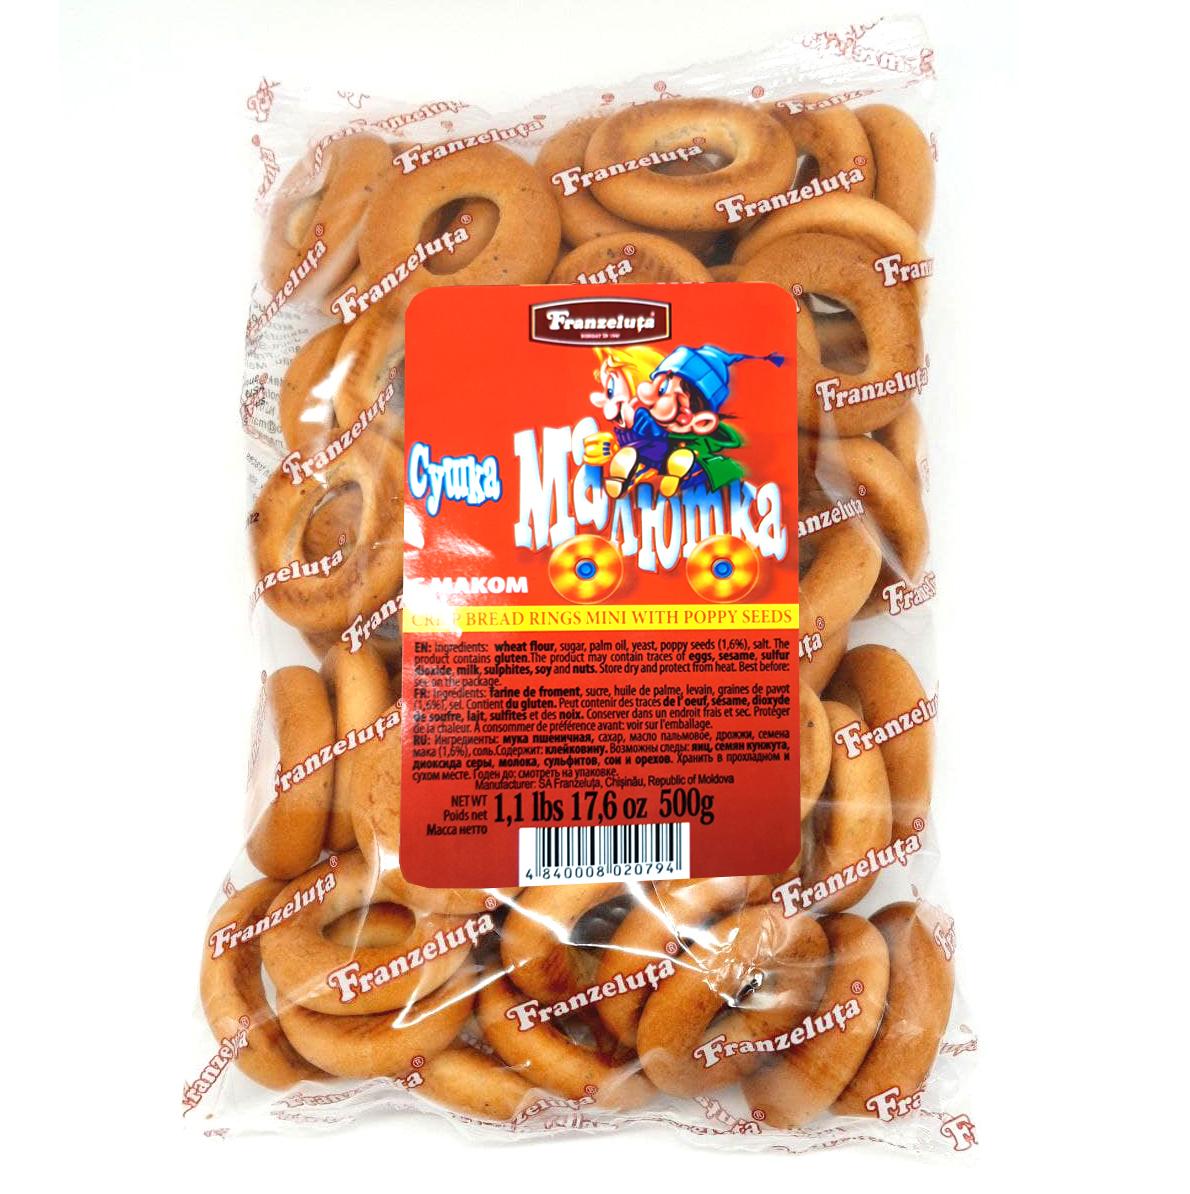 Sooshka with Poppy Seeds Malutka, Franzeluta, 17.63 oz / 500 g